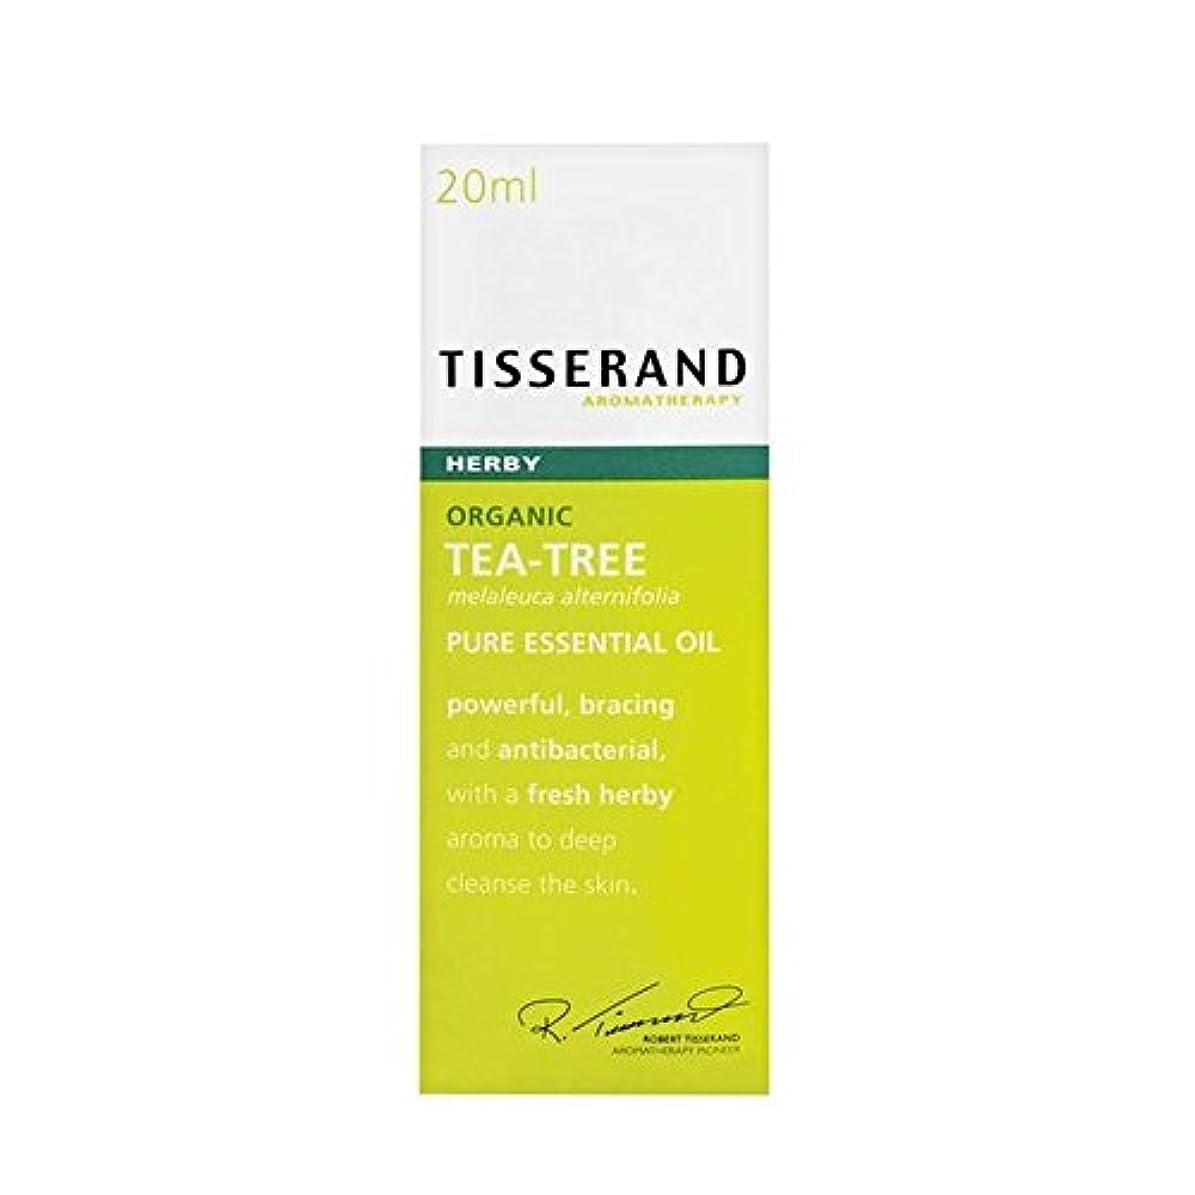 社会主義癒す地上でTisserand Tea Tree Organic Pure Essential Oil 20ml (Pack of 6) - ティスランドティーツリーオーガニックピュアエッセンシャルオイル20ミリリットル x6 [並行輸入品]